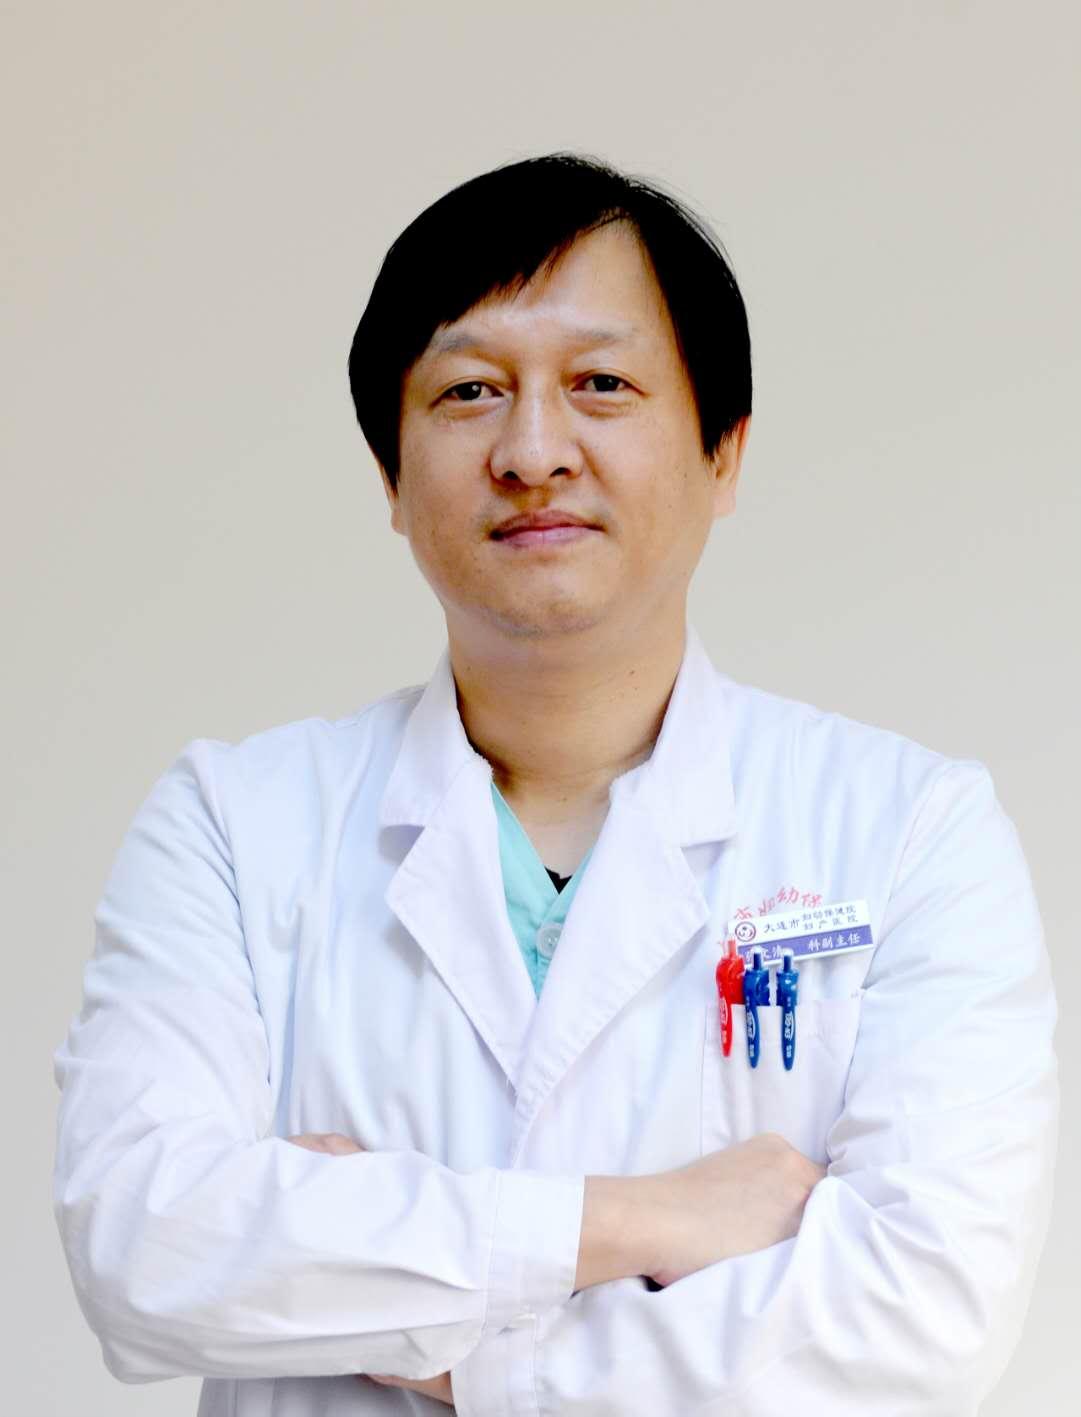 张文清医生头像